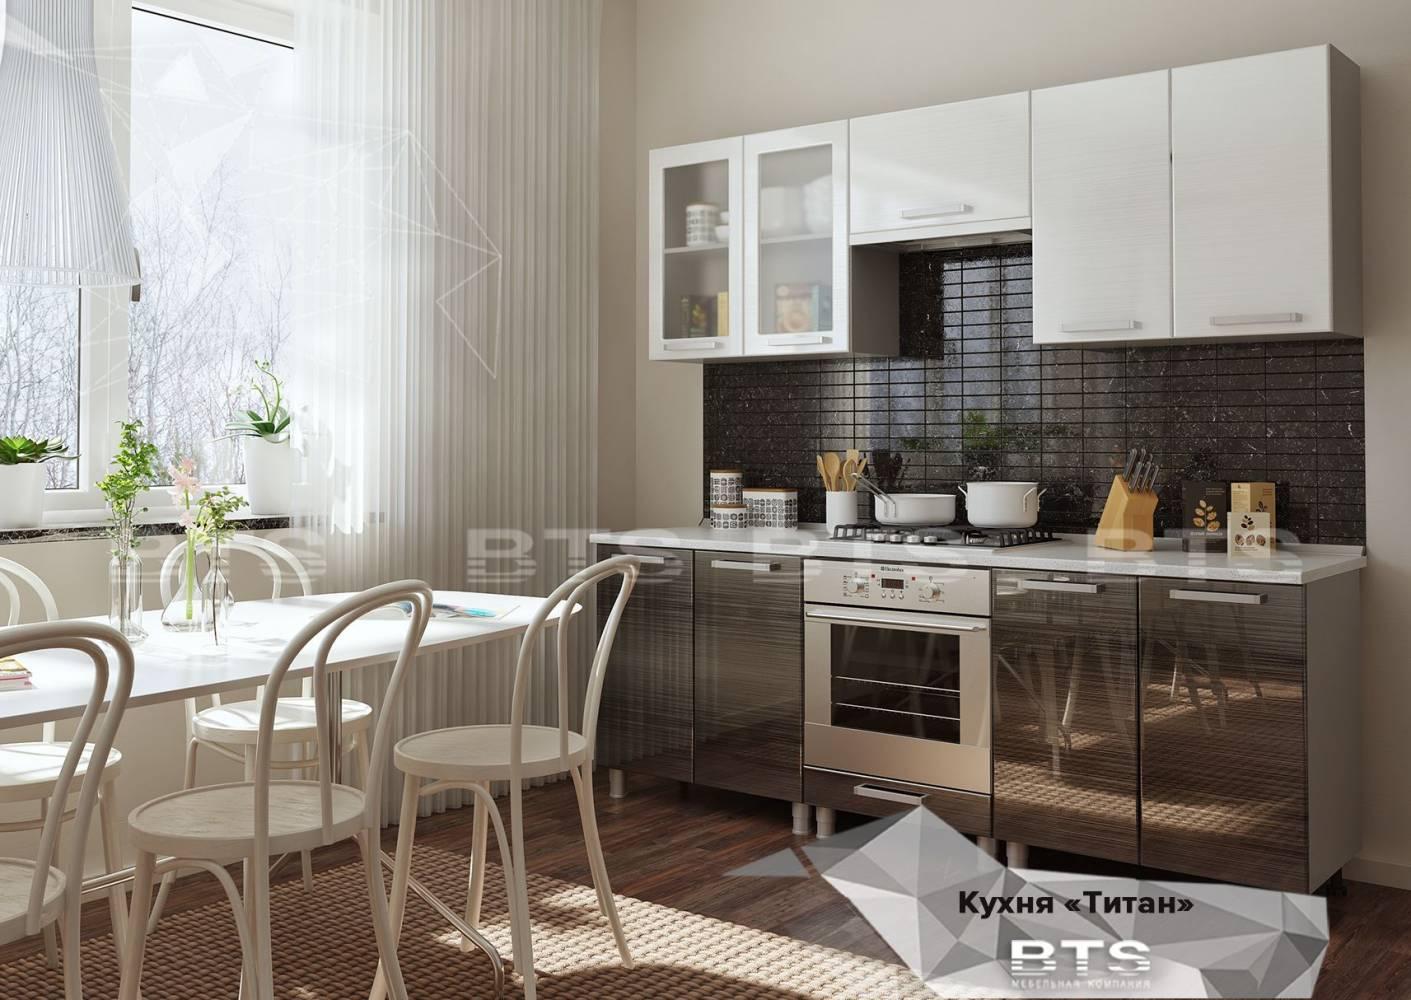 Кухонный гарнитур Титан. Вариант 3